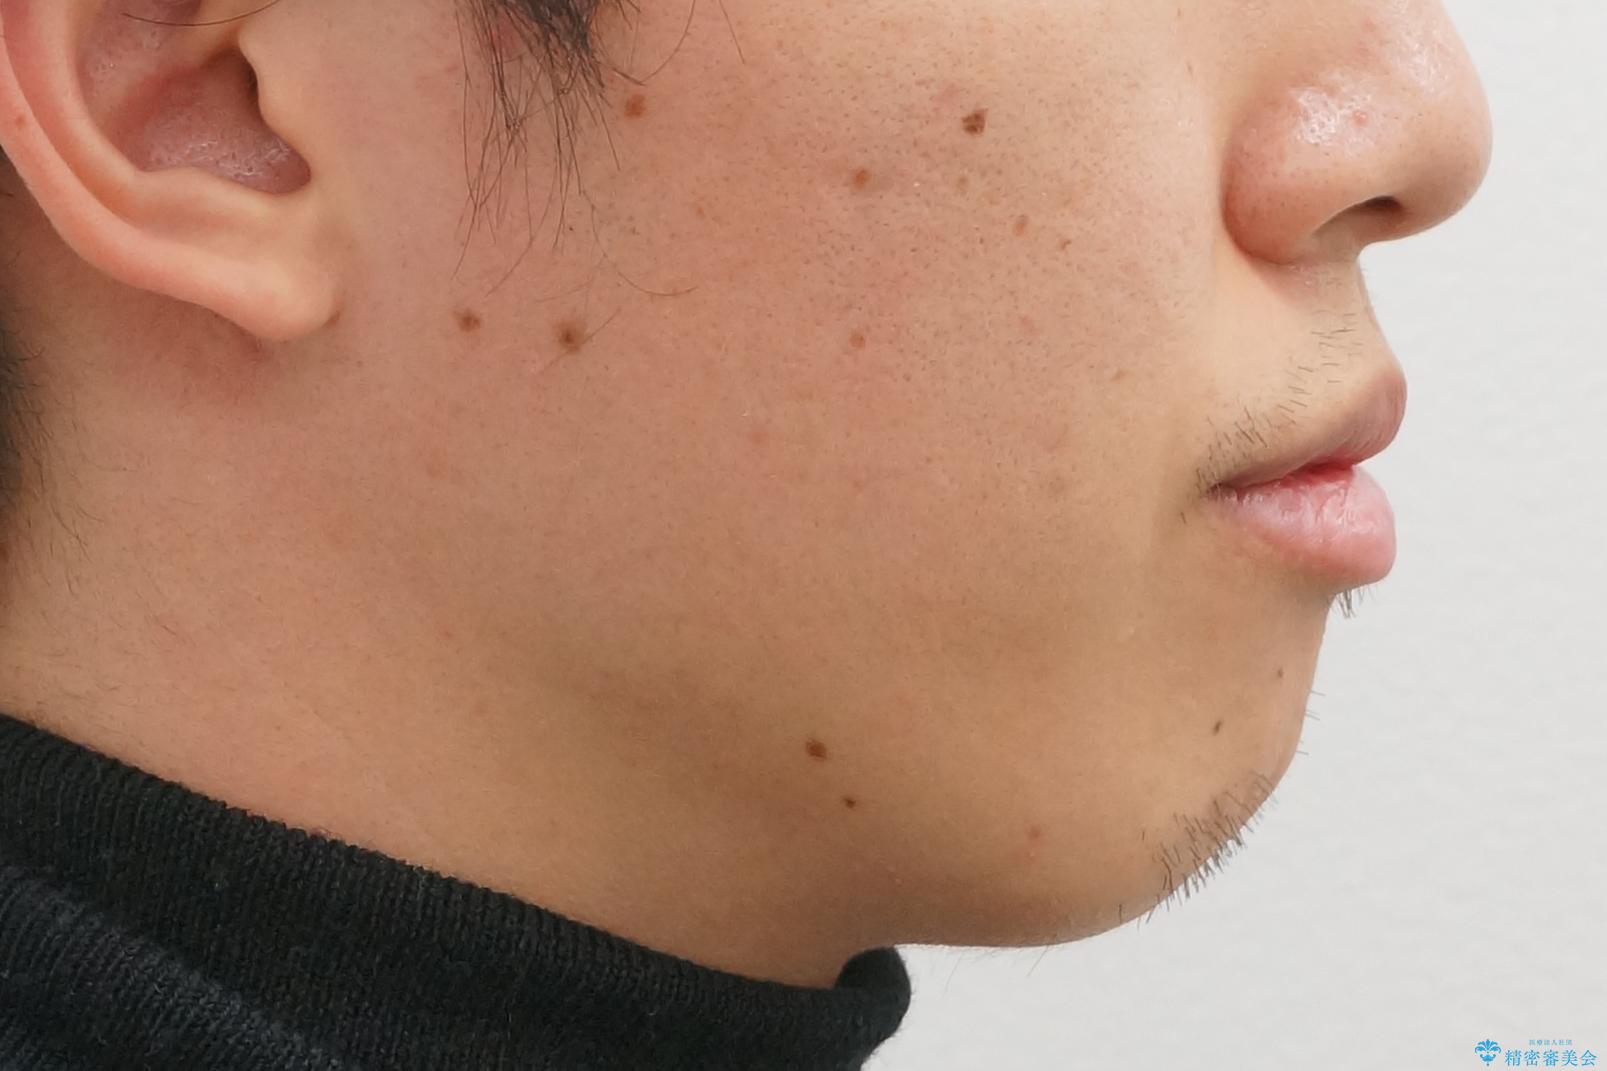 インビザライン矯正 神経のない歯をとって、全て天然歯に の治療前(顔貌)